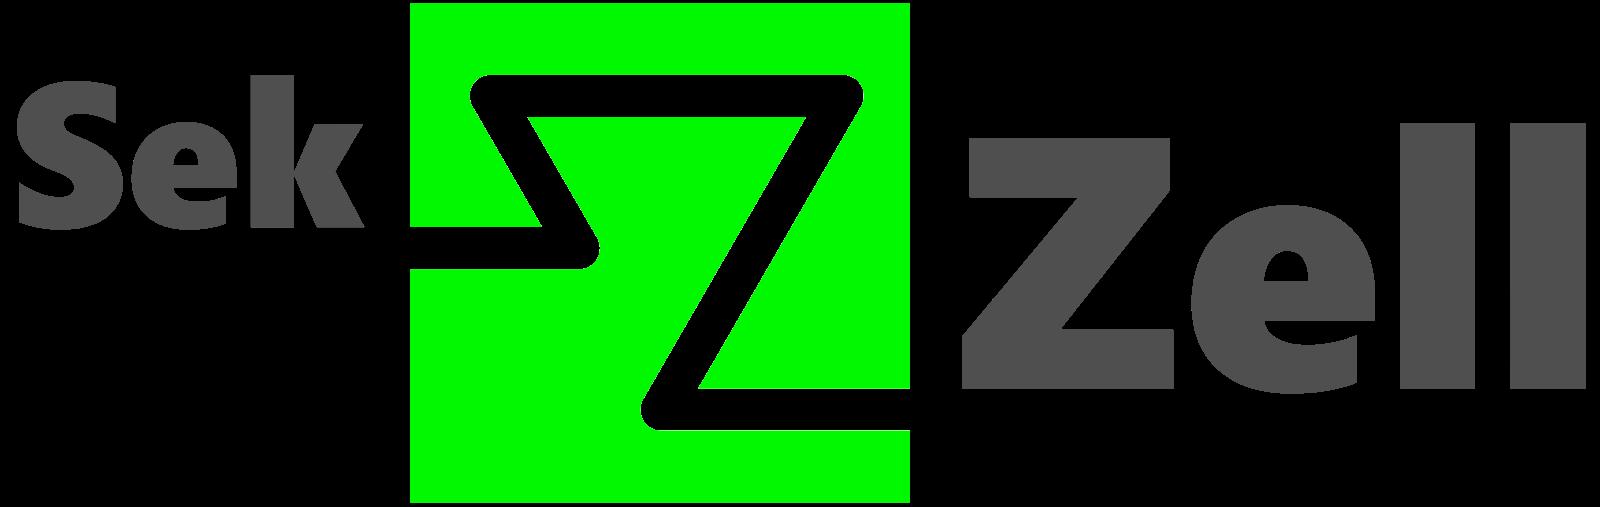 Sek Zell